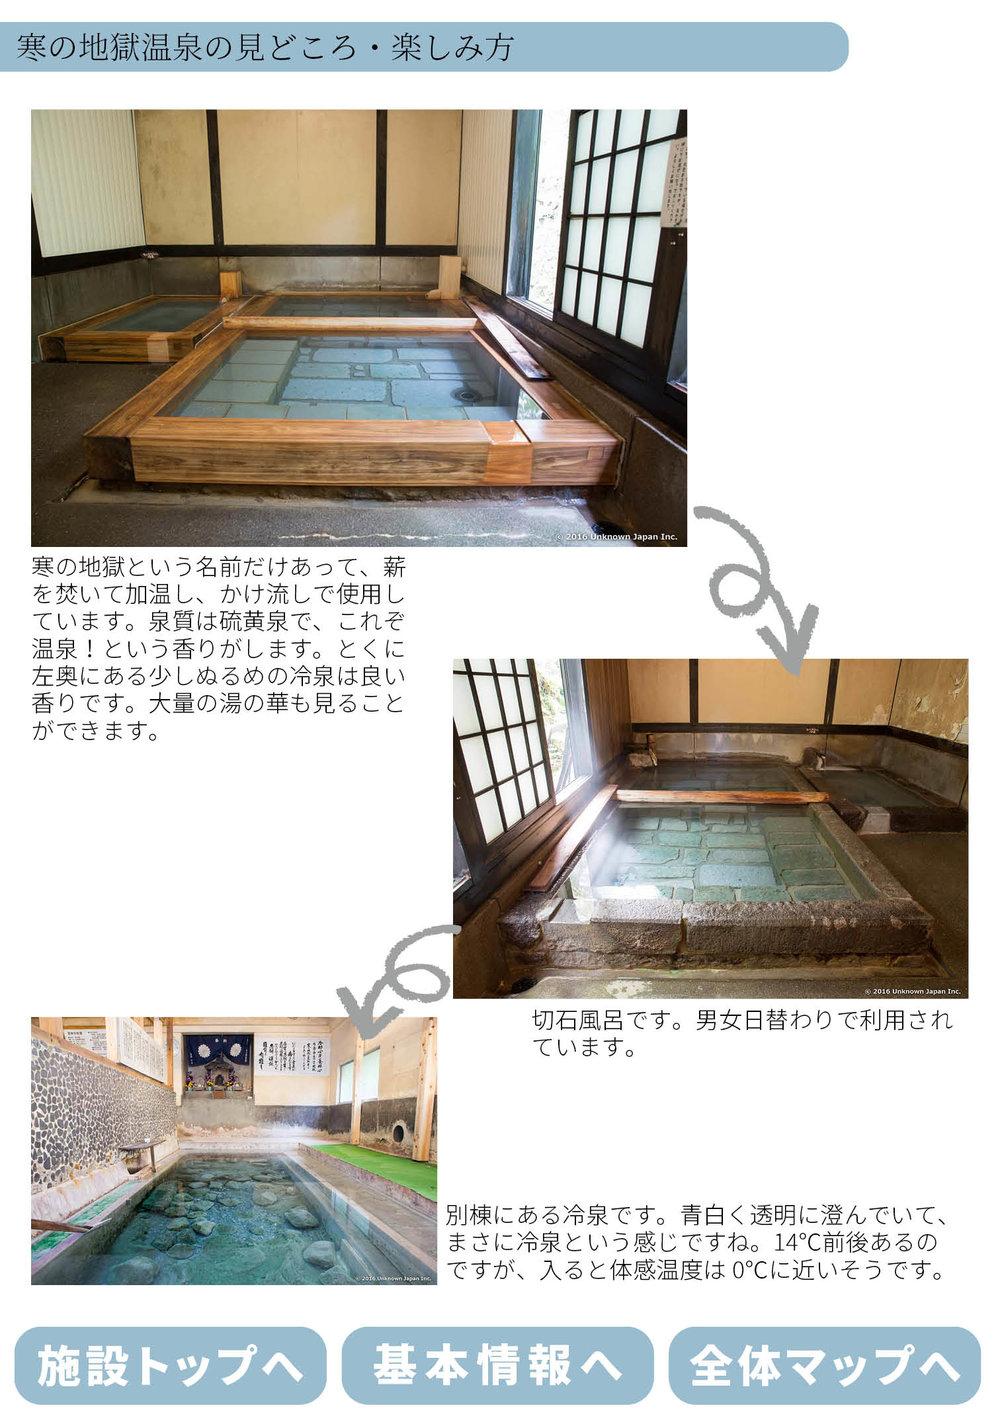 002_景色・建物が見どころの温泉19.jpg